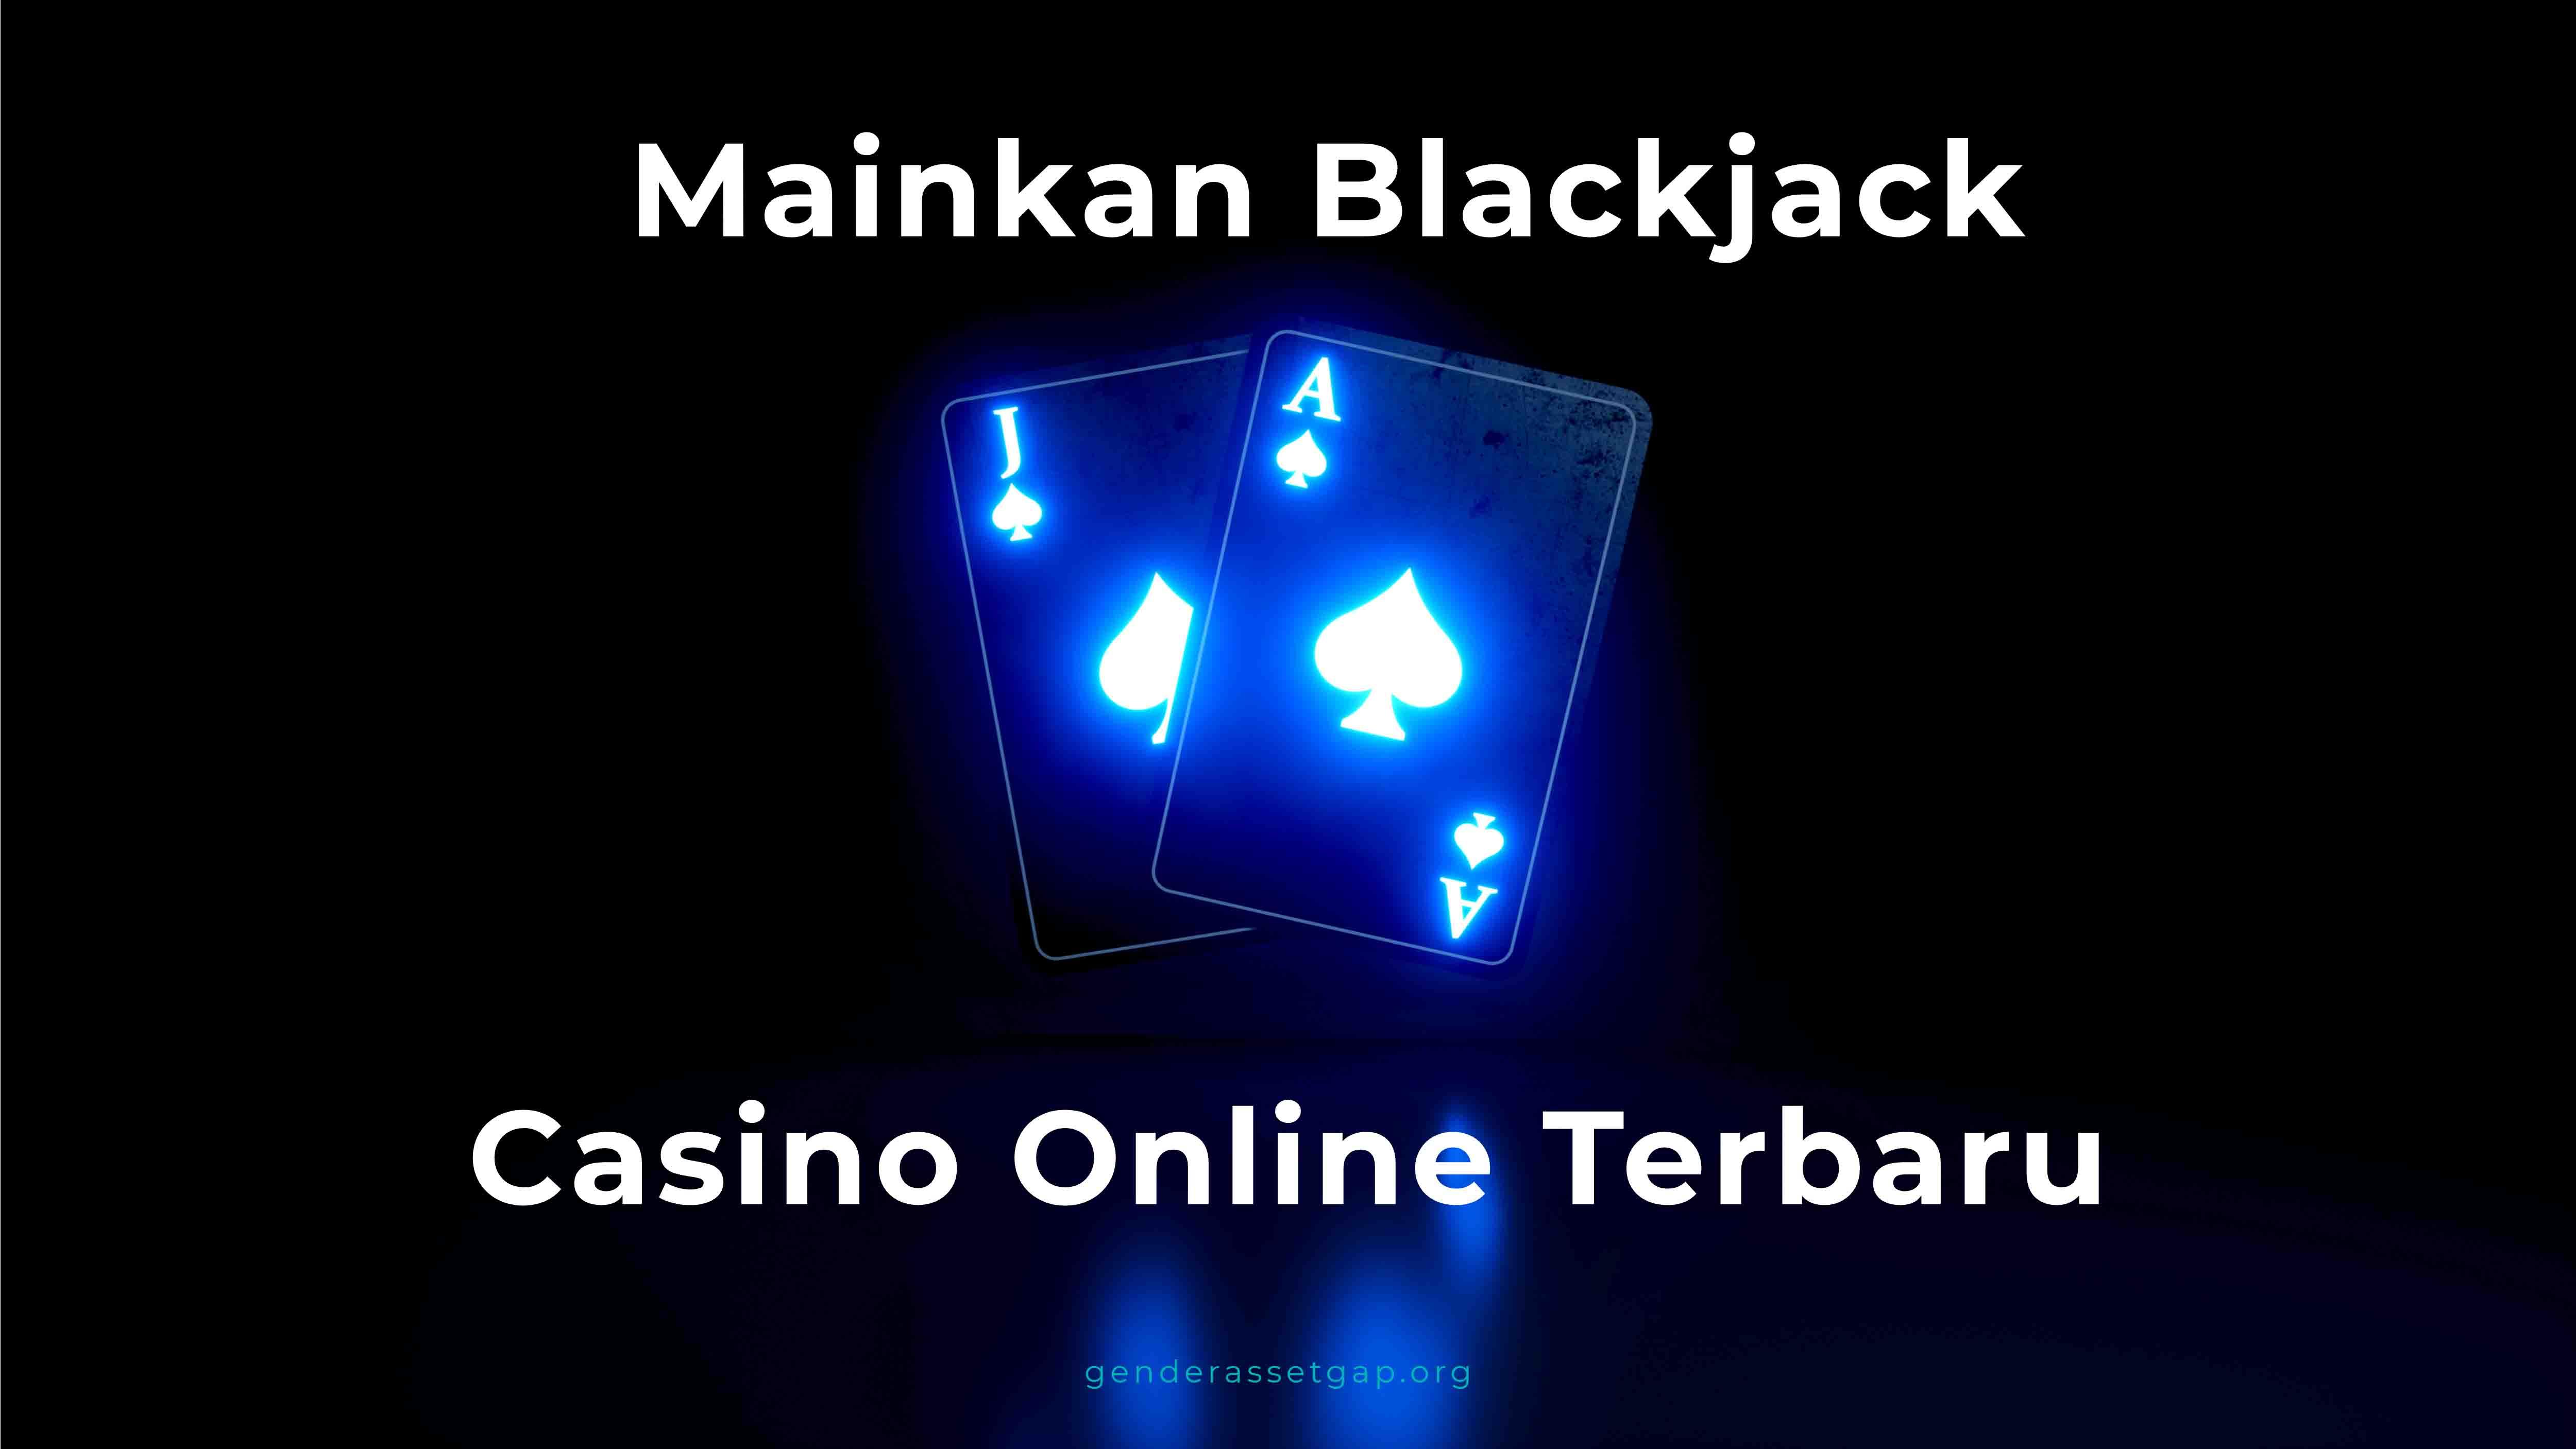 Istilah yang Perlu Dimengerti dari Permainan Blackjack Casino Online Terbaru